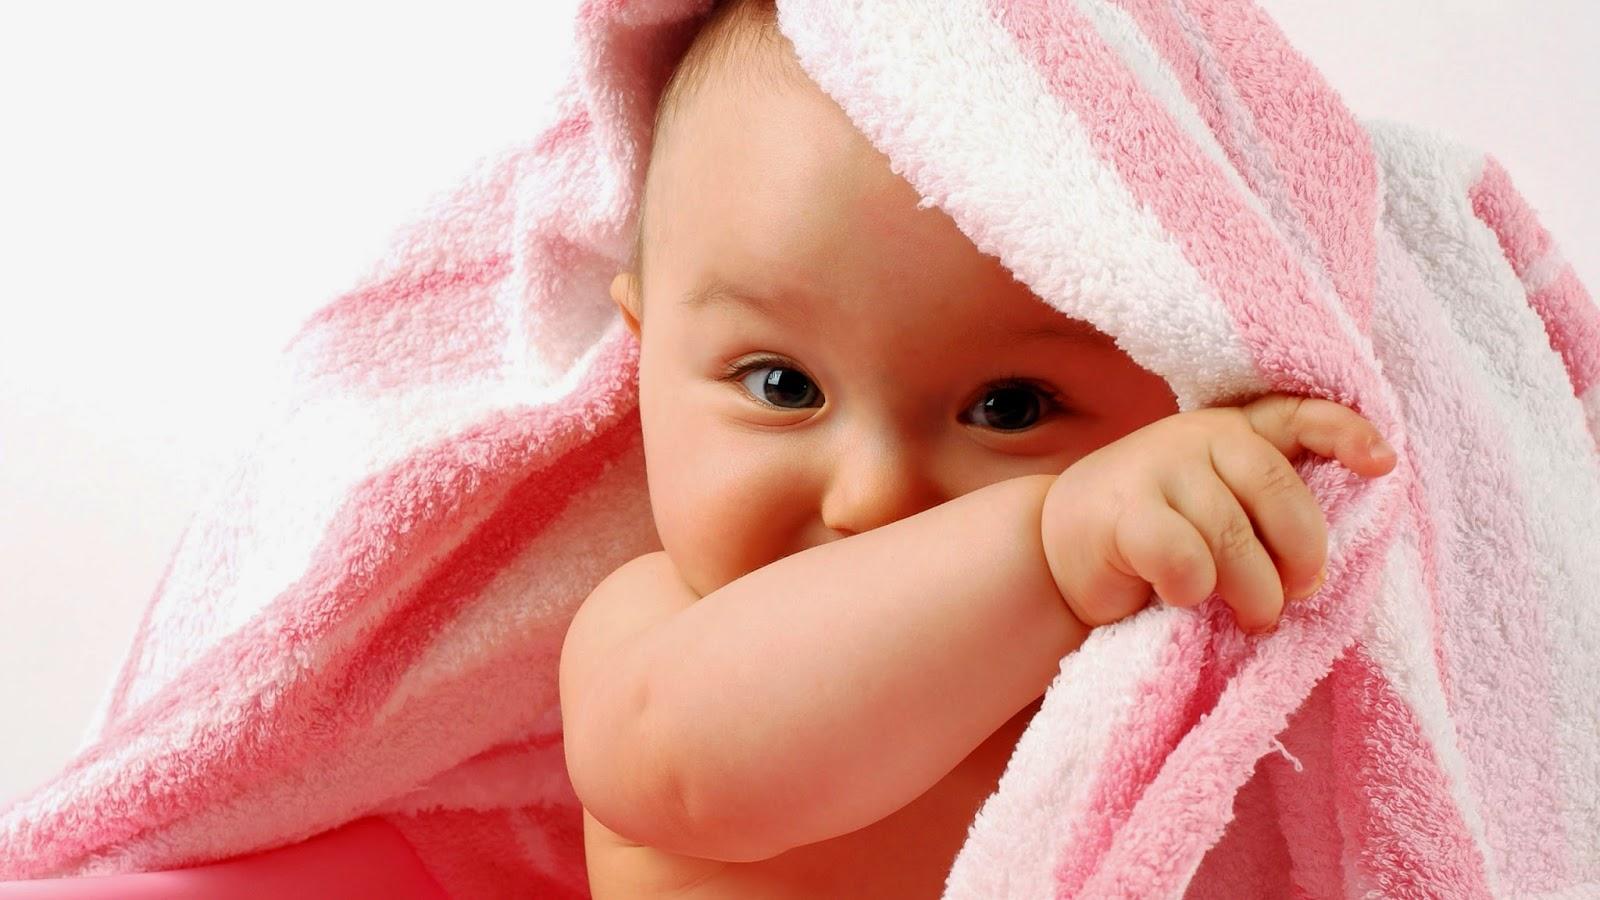 Bayi Lucu Gambar Dan Video Bayi Lucu Banget Terbaru 2014 Hot